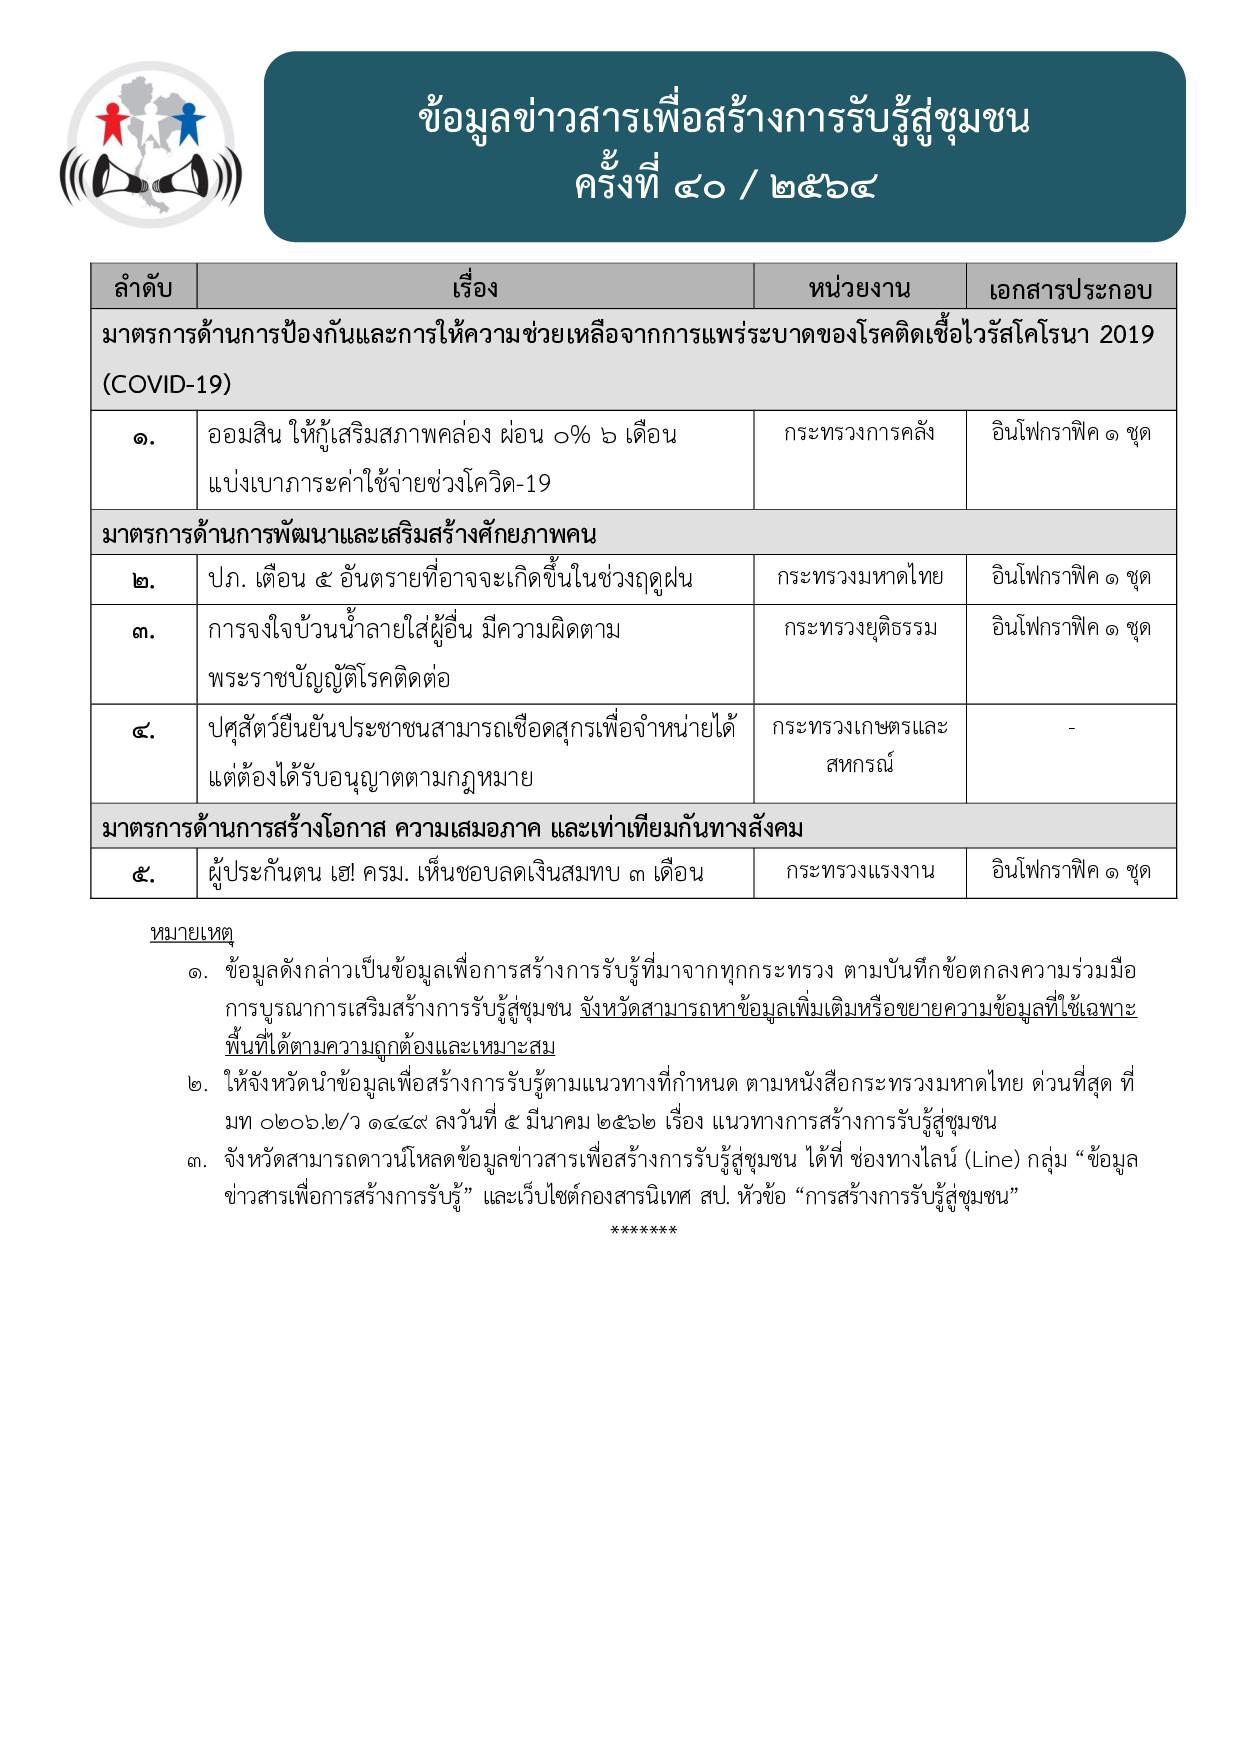 ข้อมูลข่าวสารเพื่อสร้างการรับรู้สู่ชุมชุน ครั้งที่ 40/2564